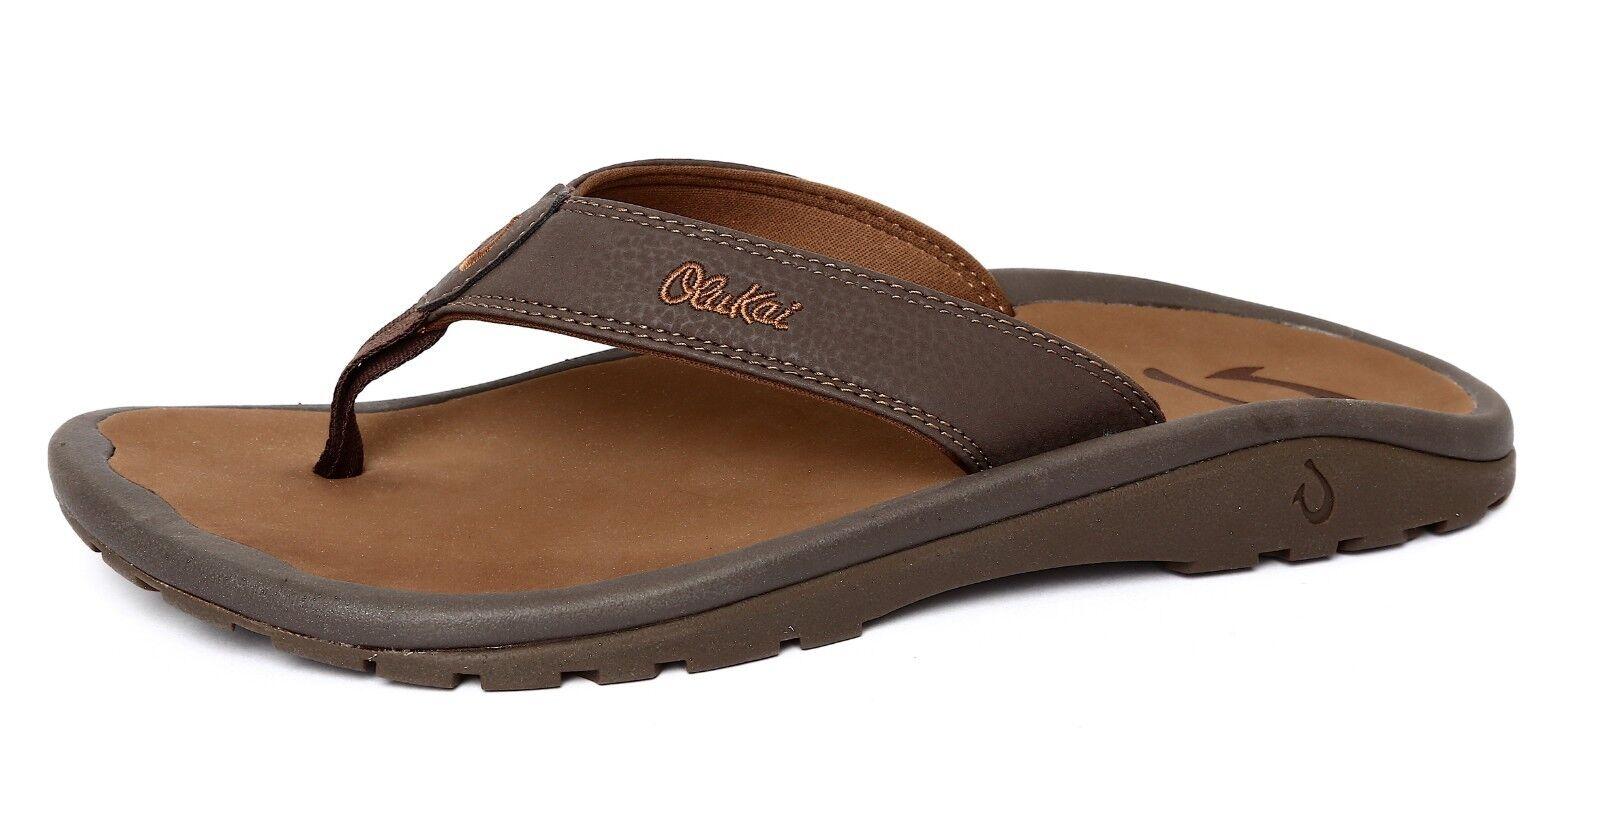 711135728d3c Olukai Ohana Men s Brown Flip Flop Flop Flop Sz 10 US 43 19128d ...